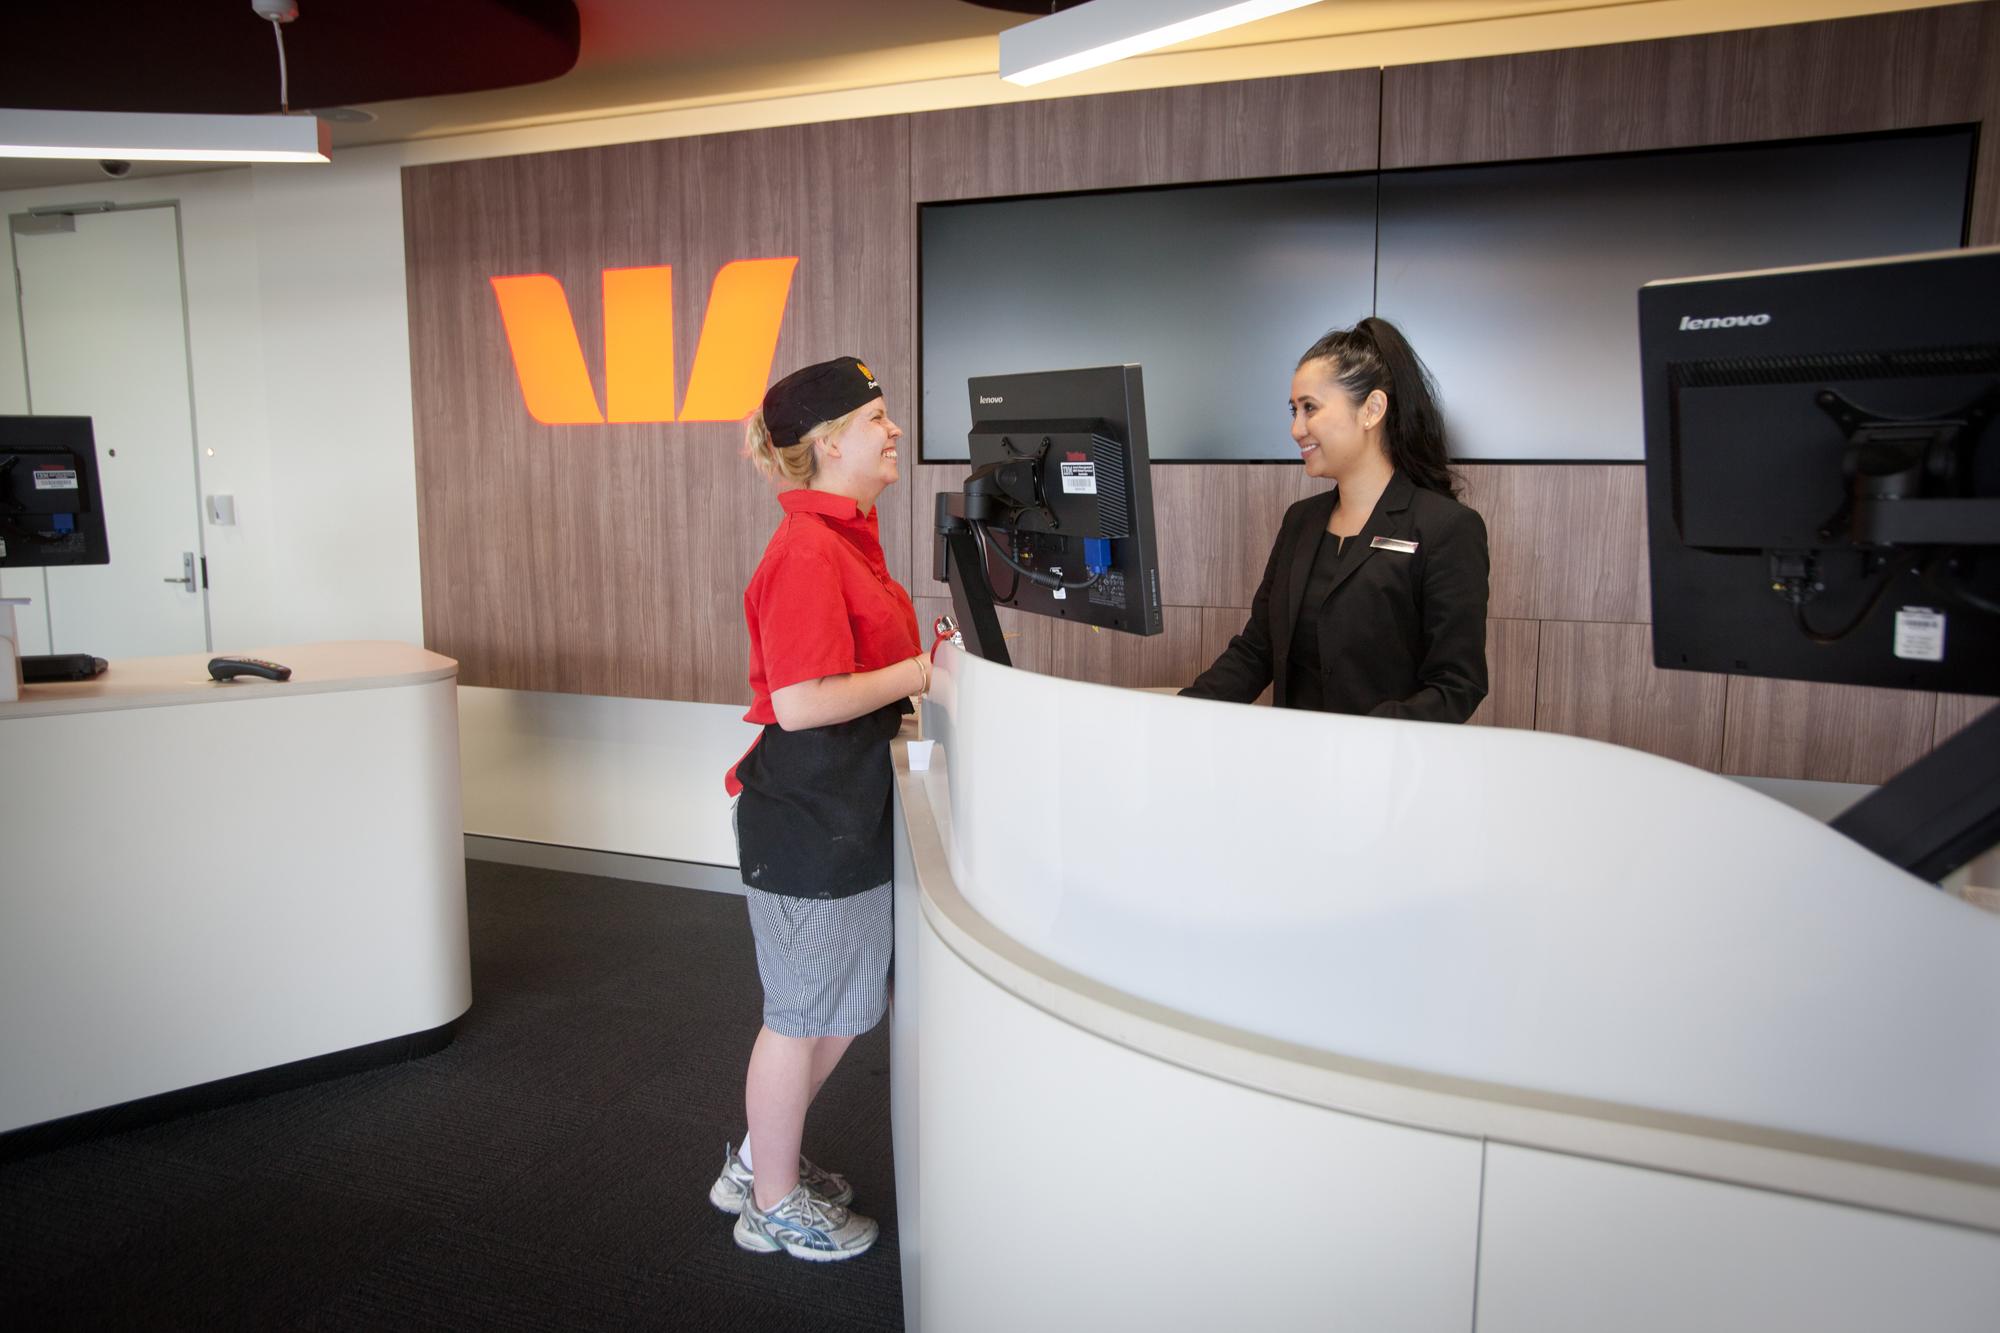 Australisch Familie Interieur : Australisches bankkonto von deutschland aus eröffnen u australien